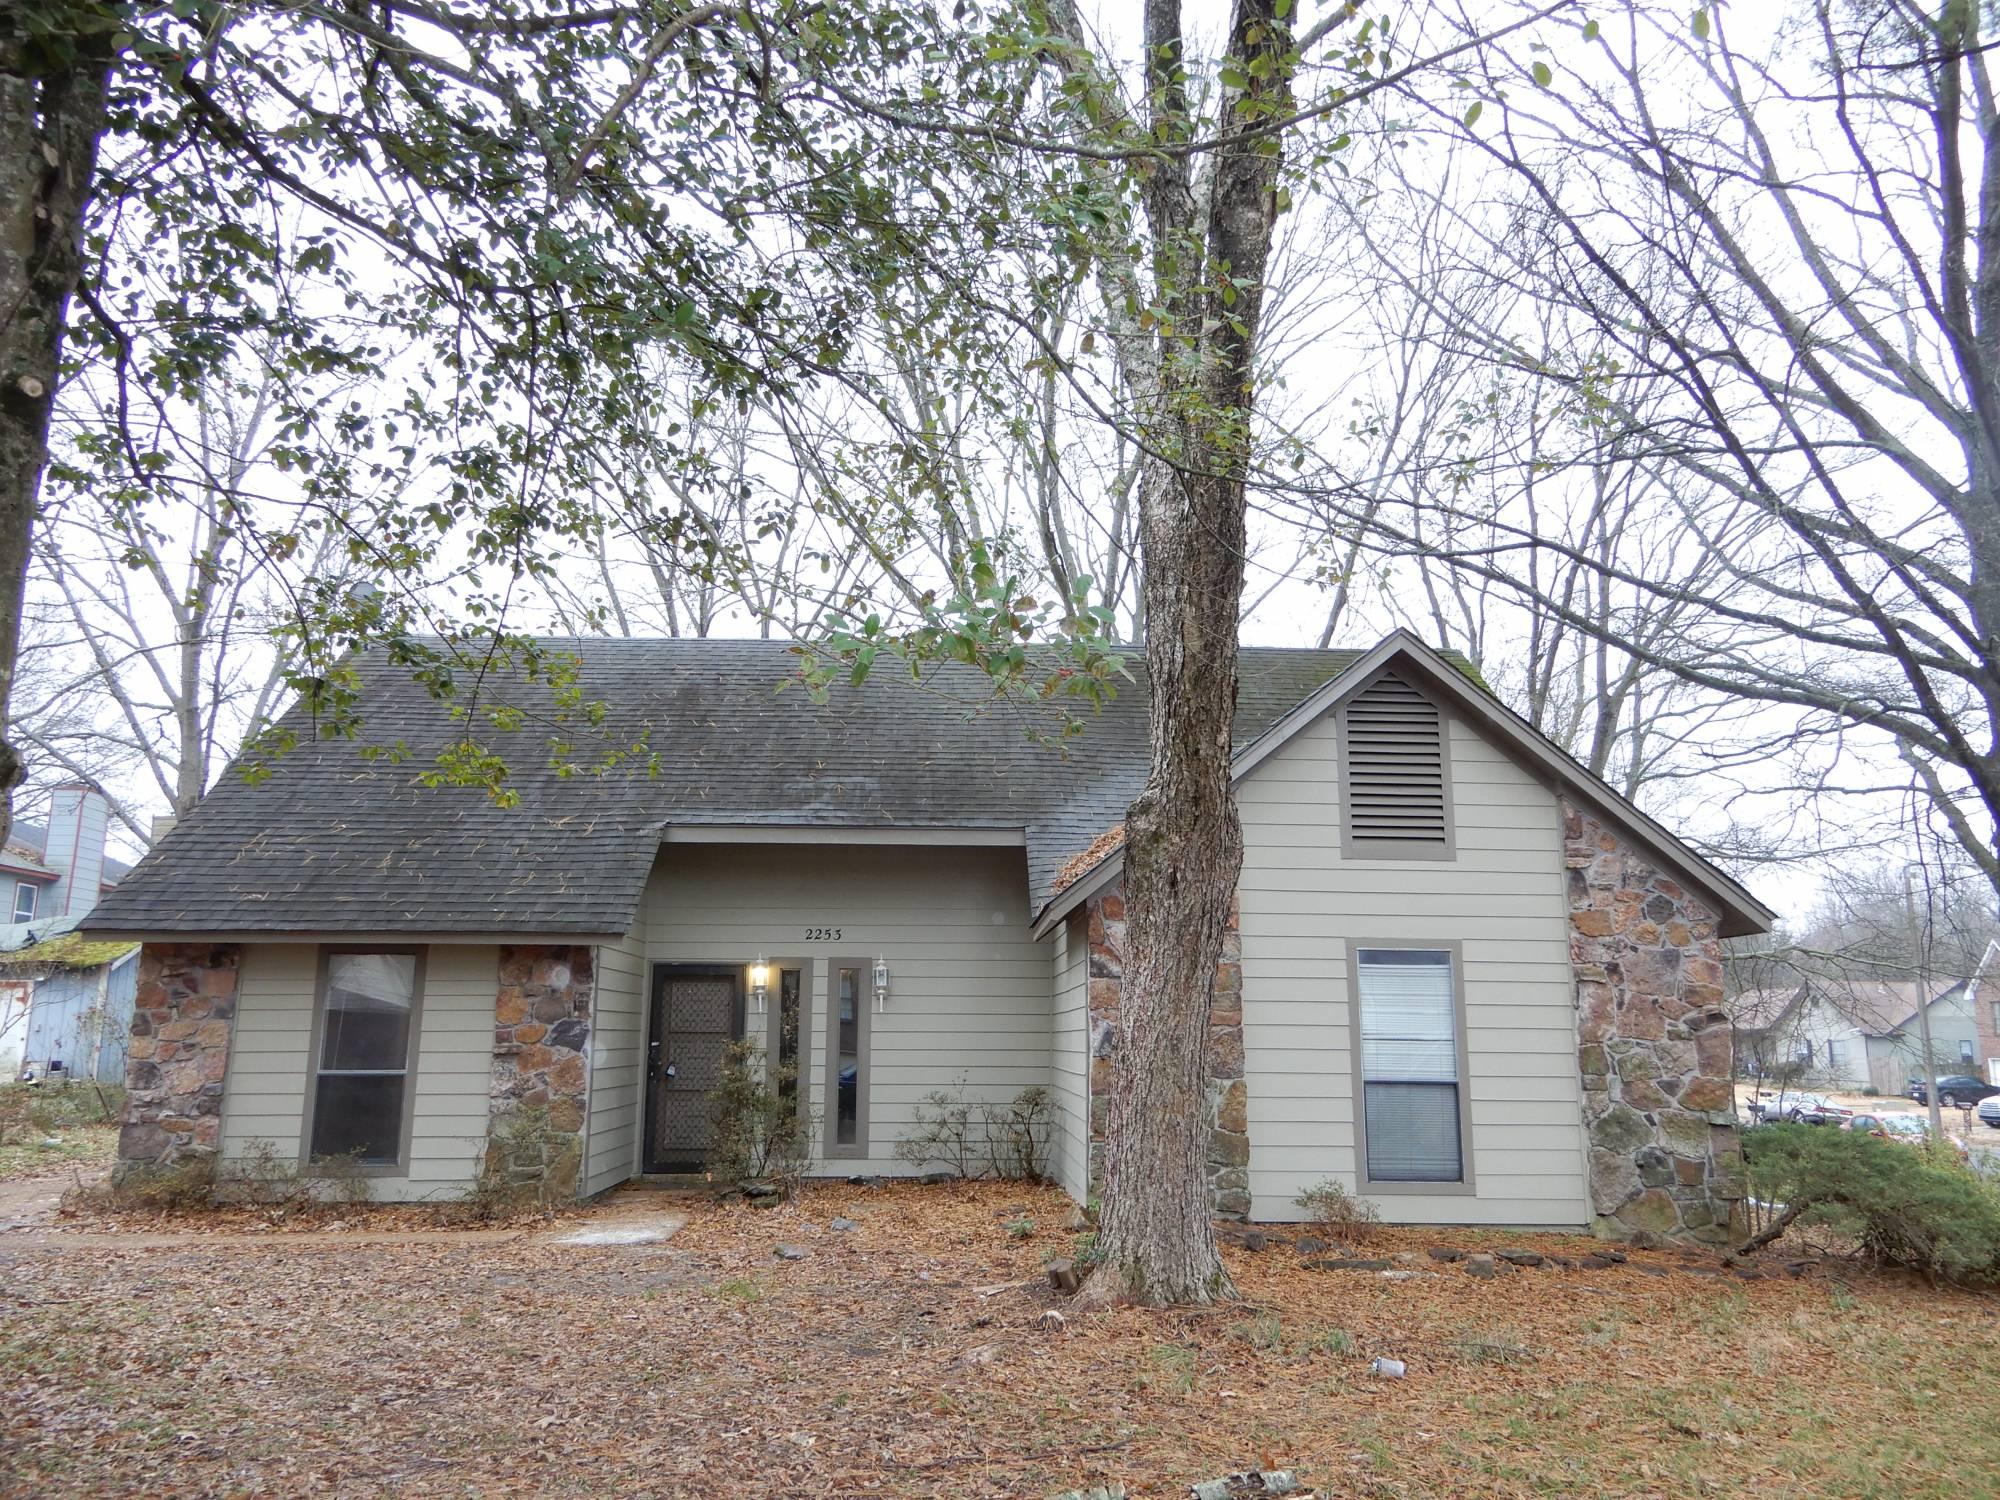 2253 Mangum Rd. Memphis TN 38134